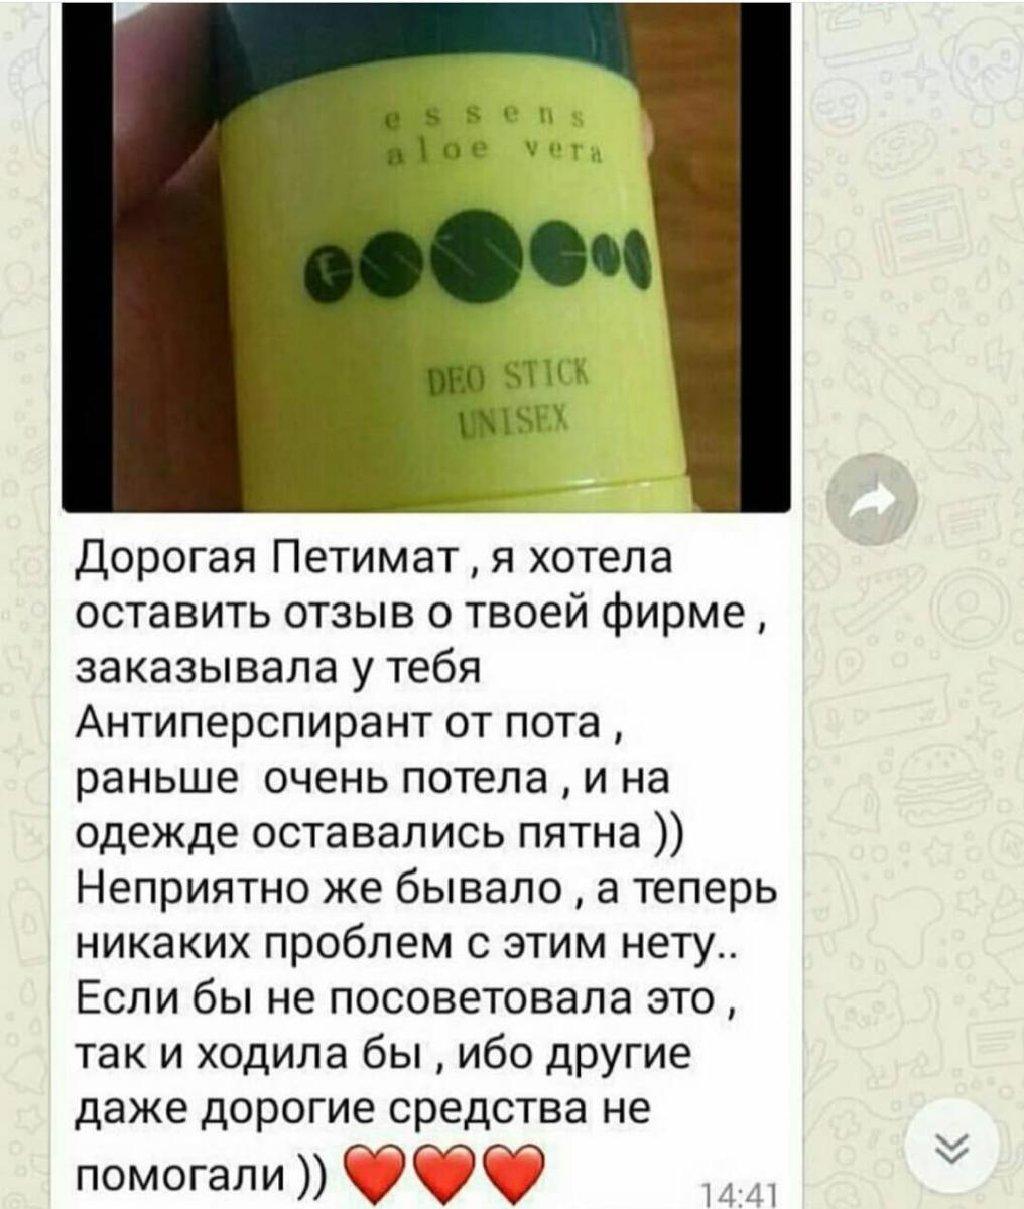 Привозим из Чехии лечебные твёрдые дезоранты от пота и запаха